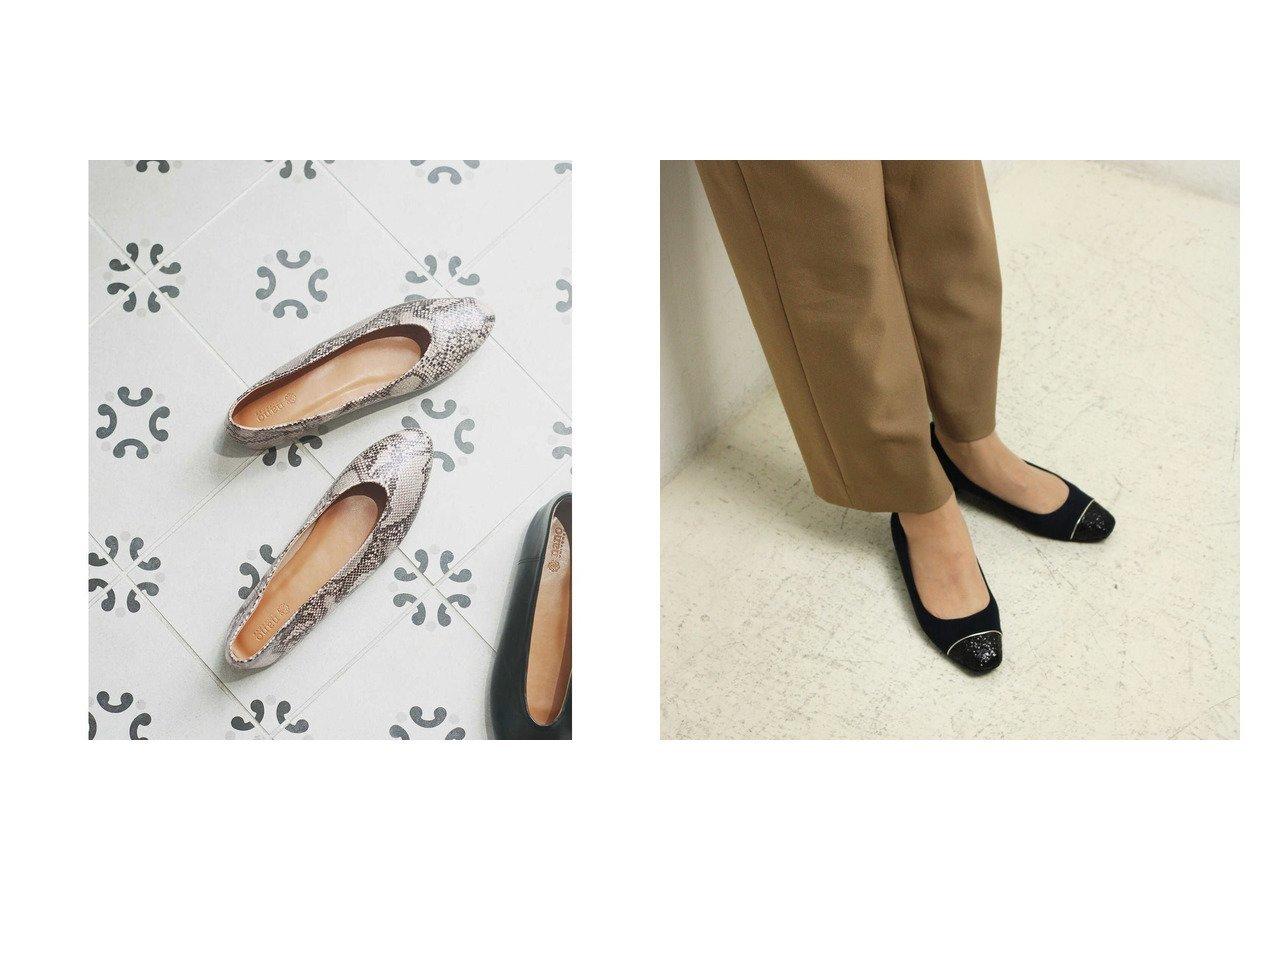 【nano universe/ナノ ユニバース】のフェイクレザーフラットシューズ&【Agosto/アゴスト】の【日本製】スクエアグリッタートゥフラットパンプス シューズ・靴のおすすめ!人気、レディースファッションの通販 おすすめファッション通販アイテム インテリア・キッズ・メンズ・レディースファッション・服の通販 founy(ファニー) ファッション Fashion レディース WOMEN シューズ シンプル パイソン フラット クッション グリッター スエード ベーシック ホワイト系 White ブラック系 Black |ID:crp329100000004944